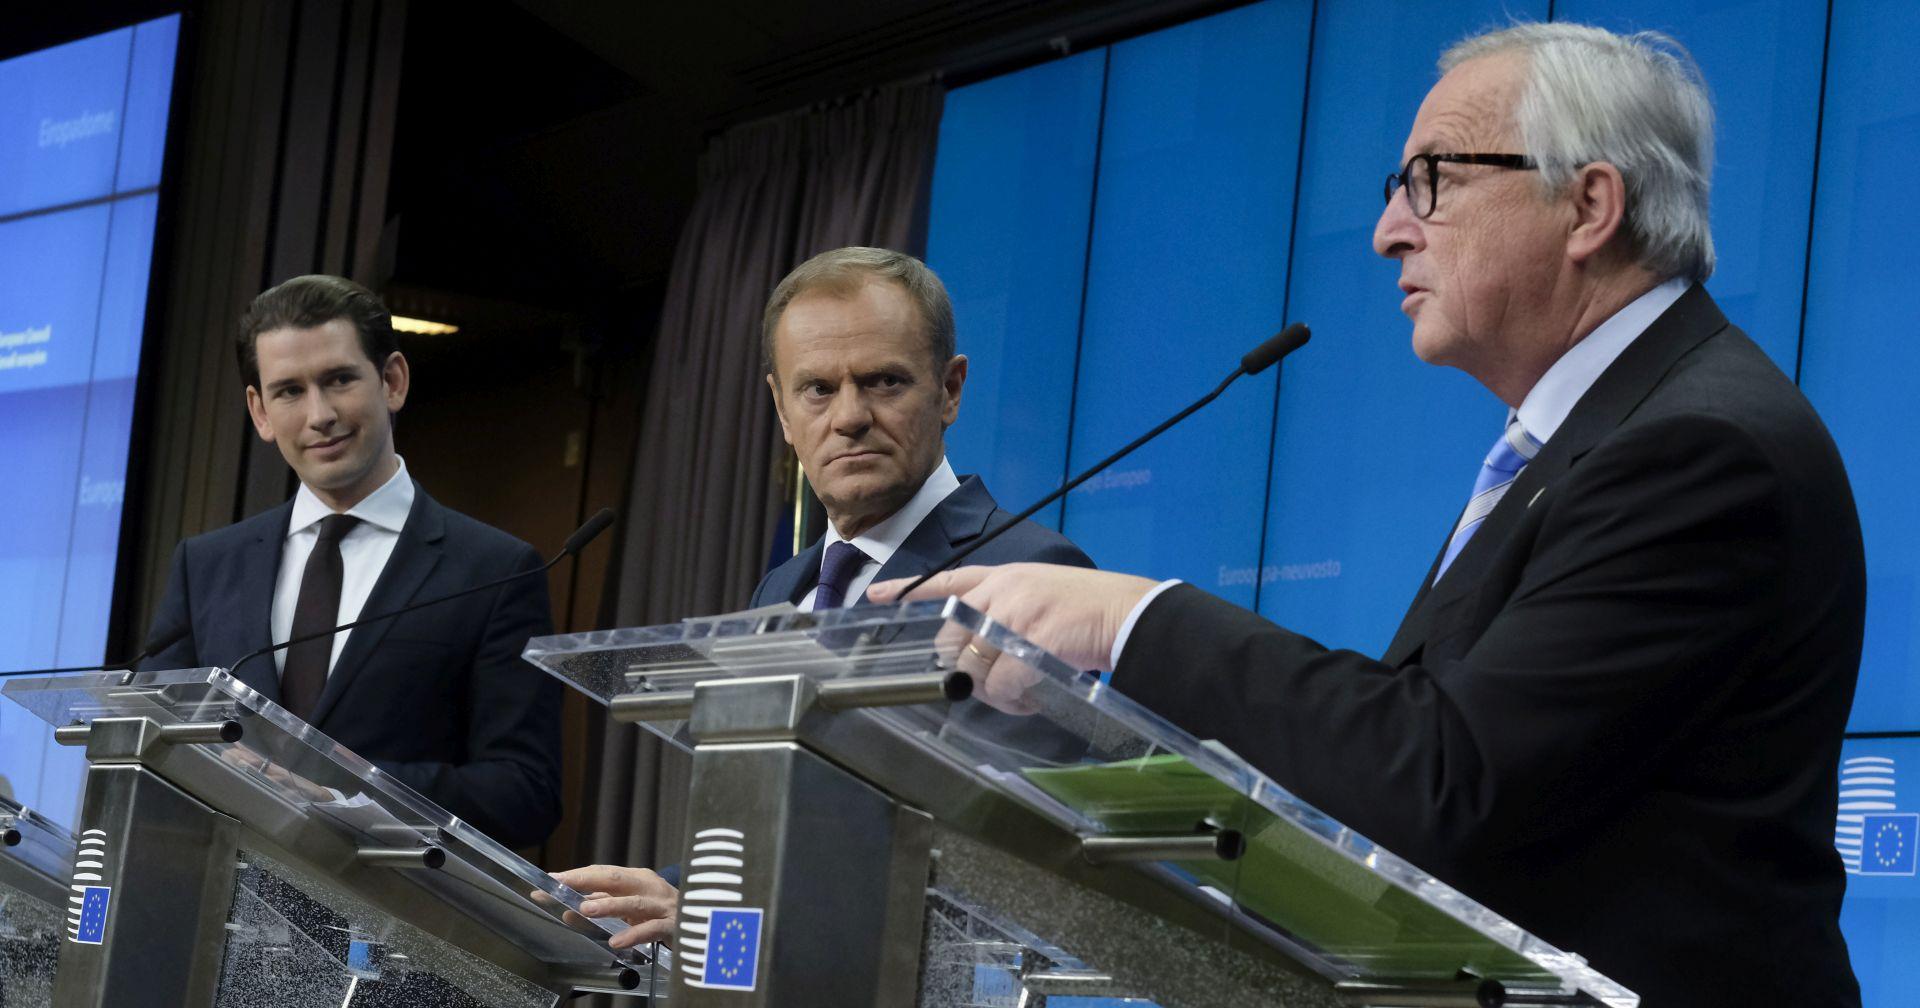 Europski i afrički politički vrh sastaje se u Beču